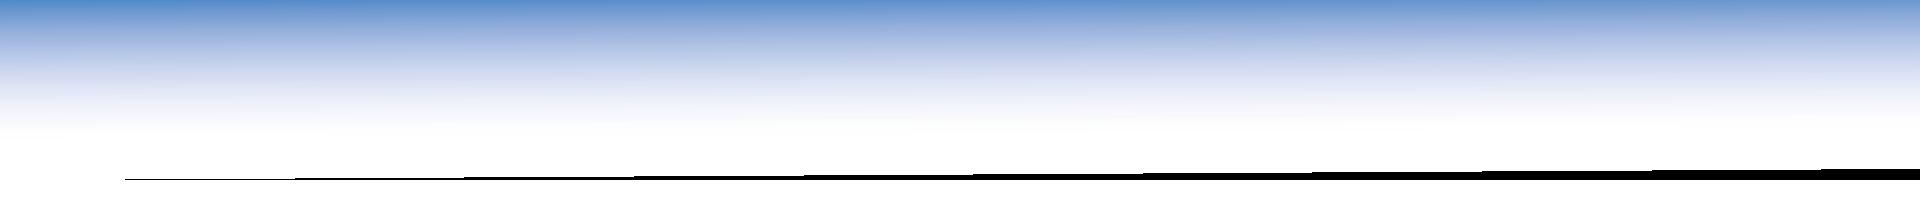 Bg-Verlauf-Horizontal-Blue